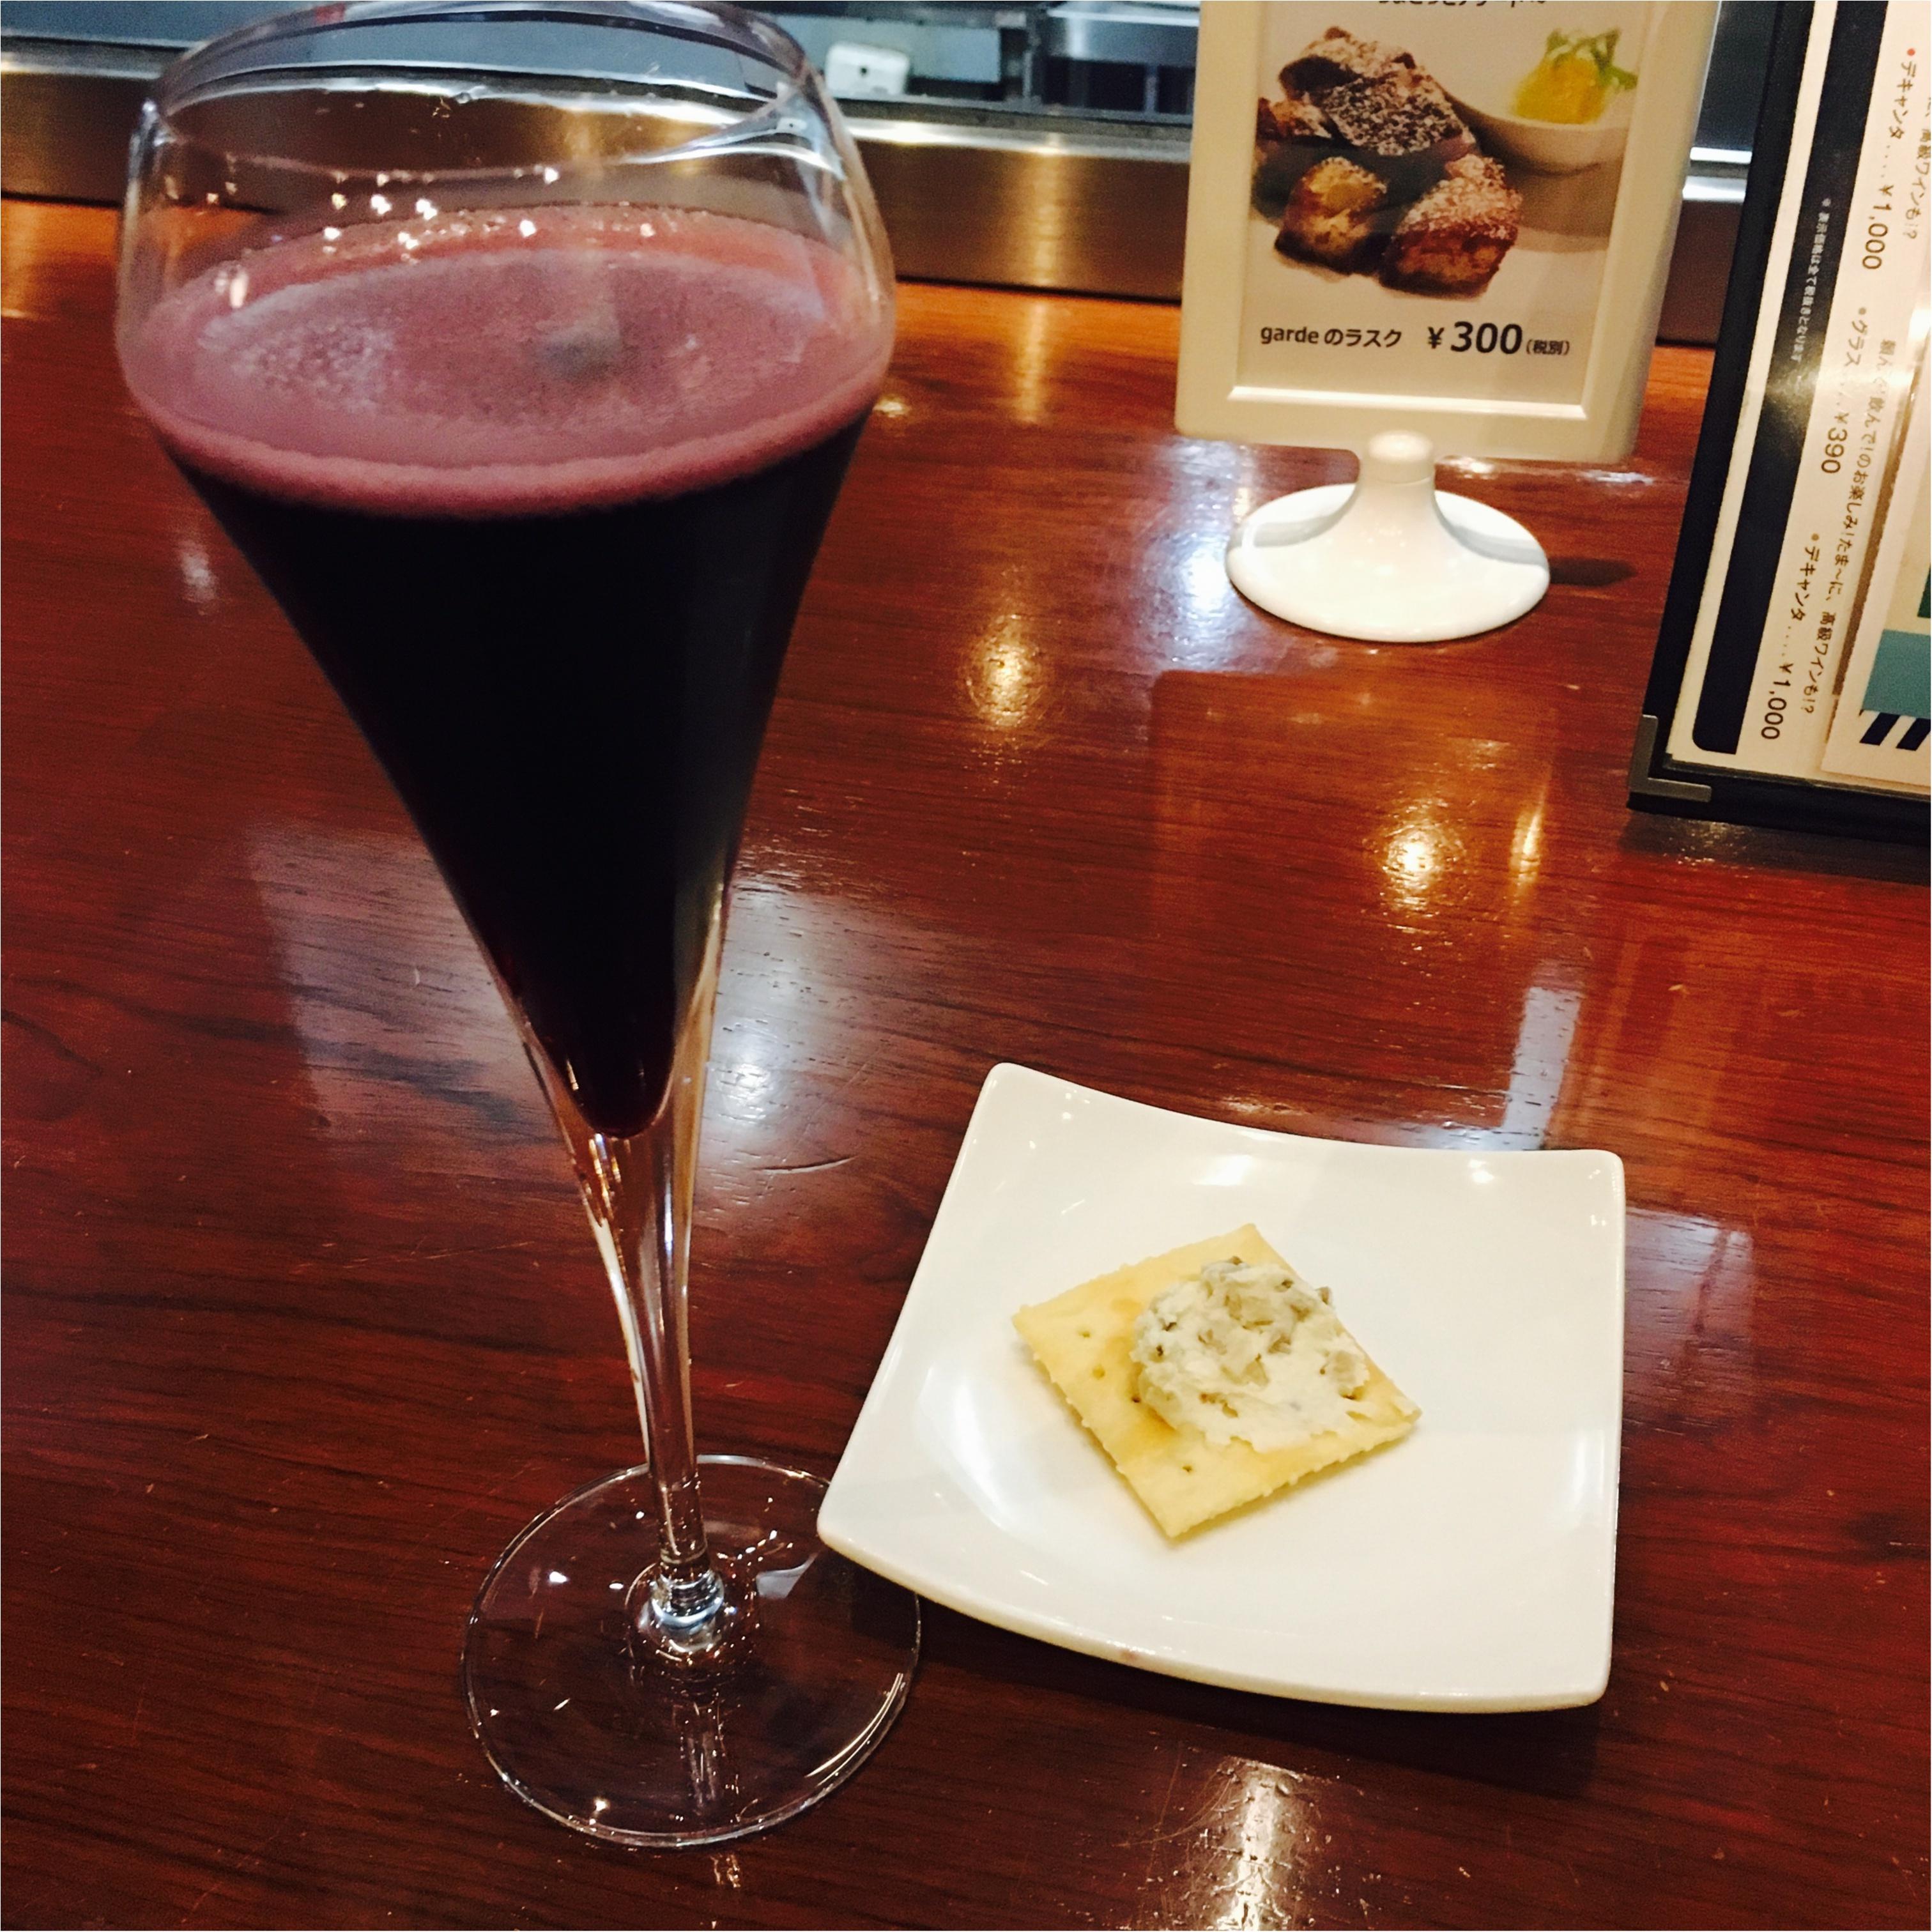 【ワインもお肉も美味しい♡】(京橋) Gardeで月曜からおひとりさまディナー_1